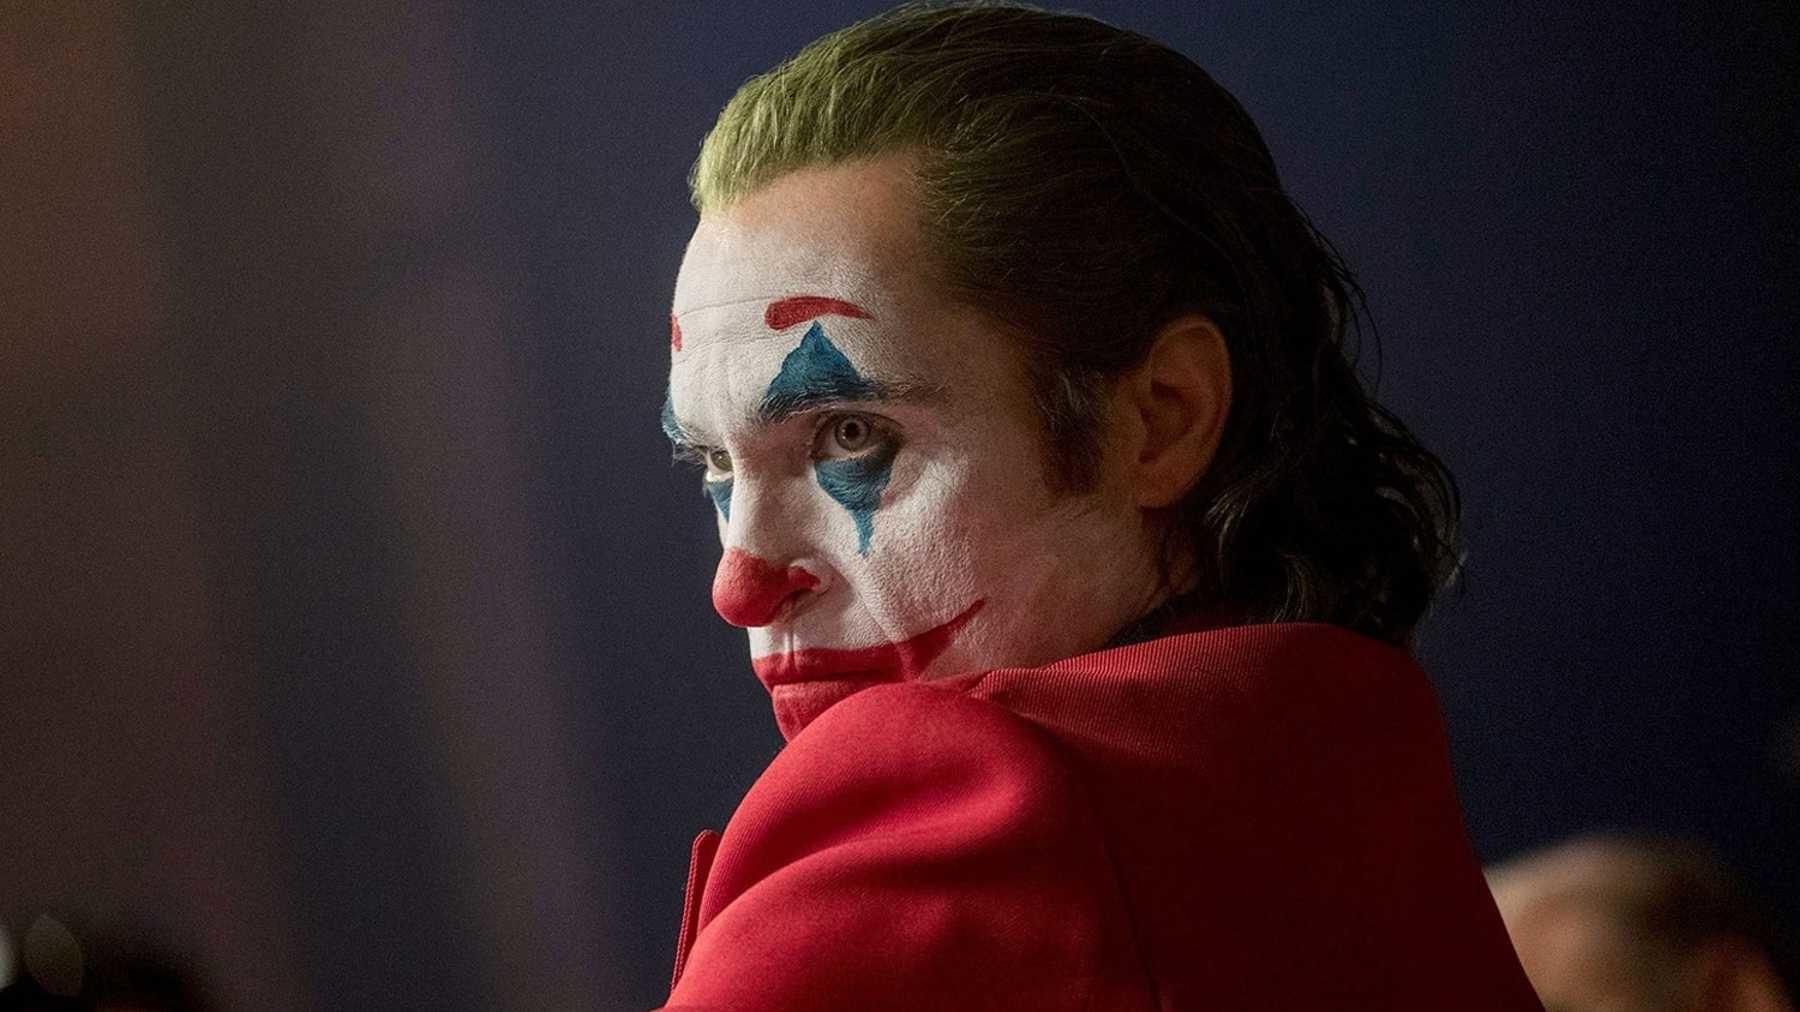 差點無緣拿影帝!導演爆料「瓦昆原本要演蝙蝠俠」電影公司打槍